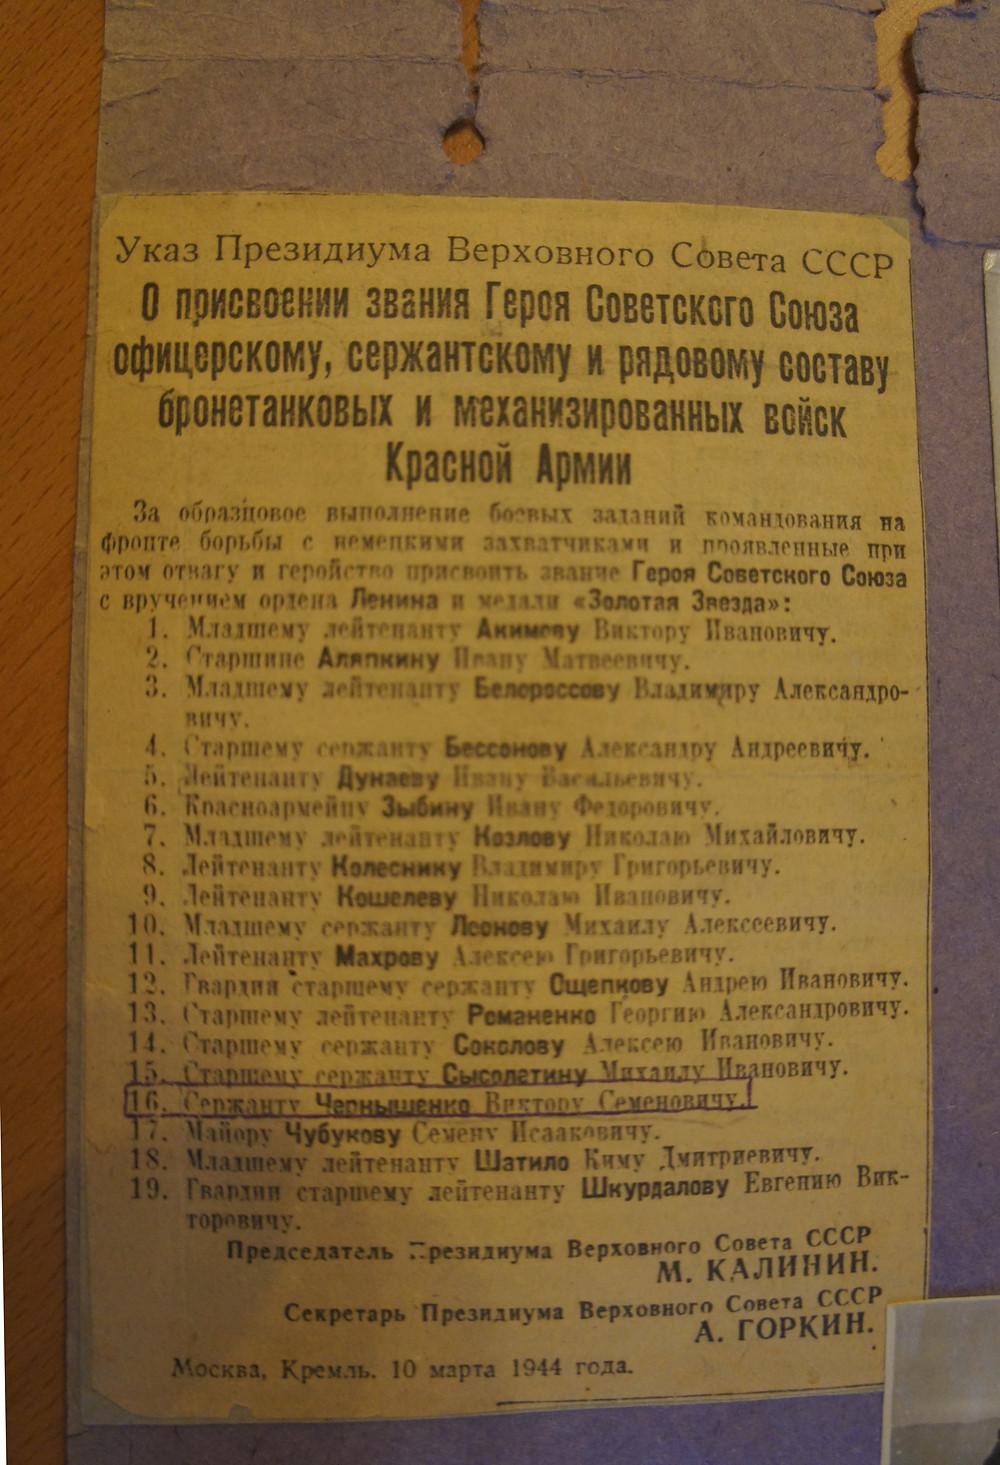 Указ ВС СССР оп рисвоении звания Героя Чернышенко Виктору Семеновичу